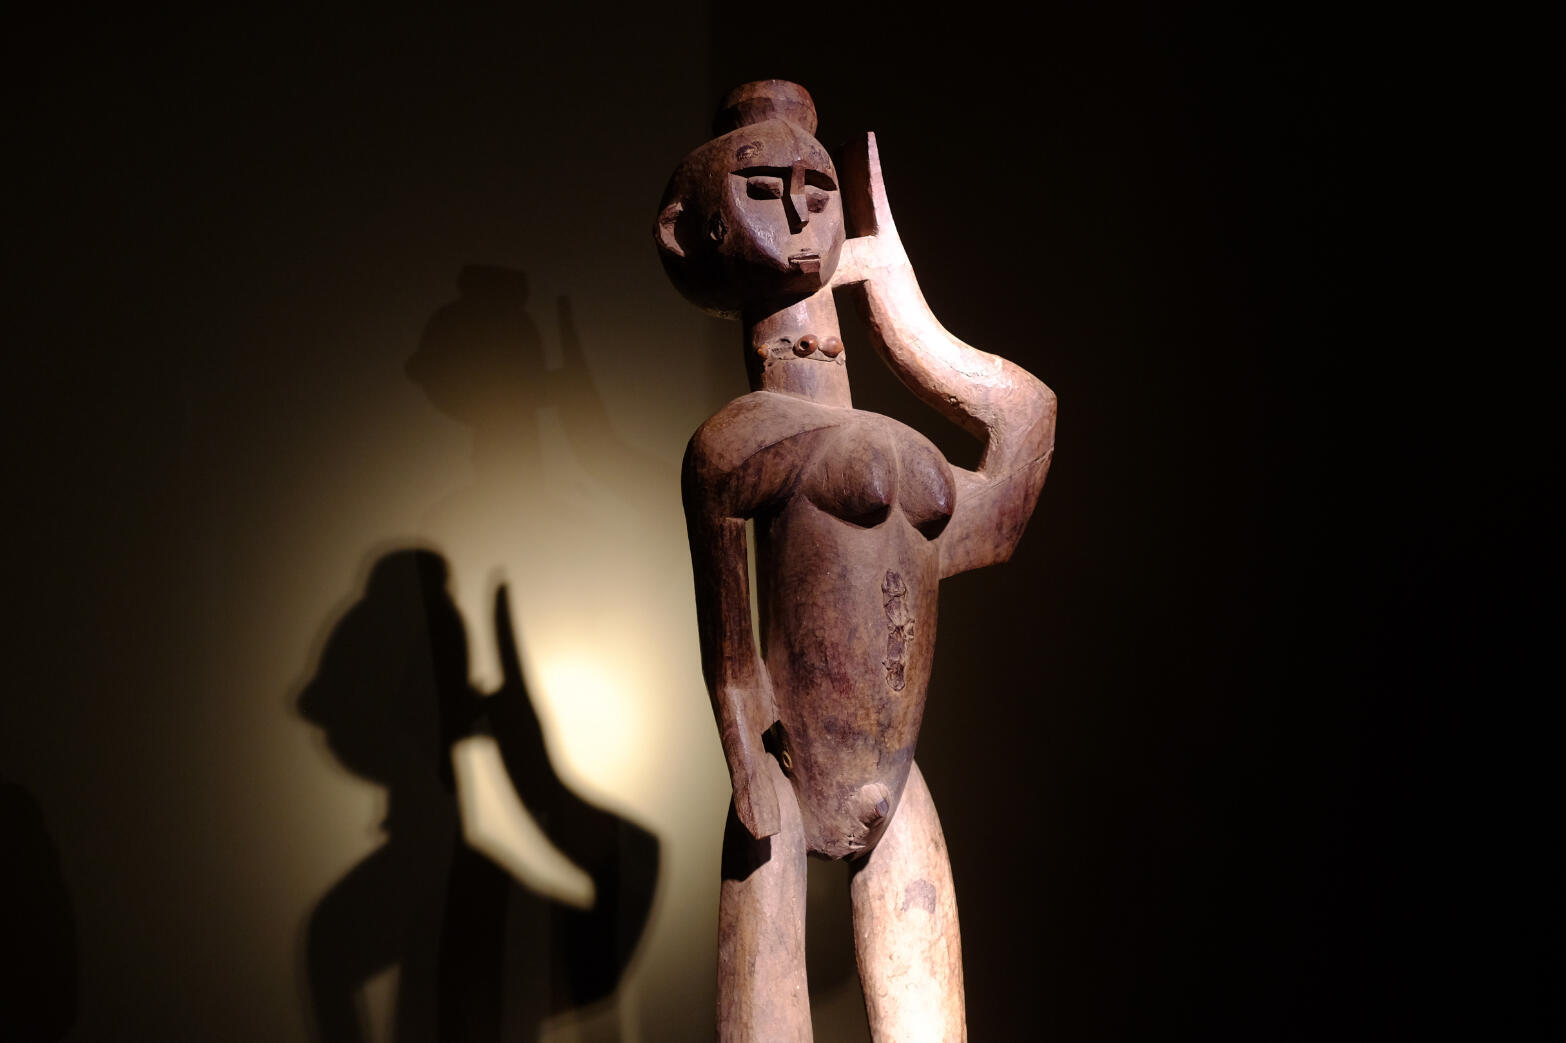 Buthib kotin, statuaire lobi, figure féminine. Ancêtre inachevé qui renvoie à une forme de folie. H 95 cm. Exposée dans « Les bois qui murmurent. La grande statuaire lobi » à l'Ancienne Nonciature, Bruxelles.